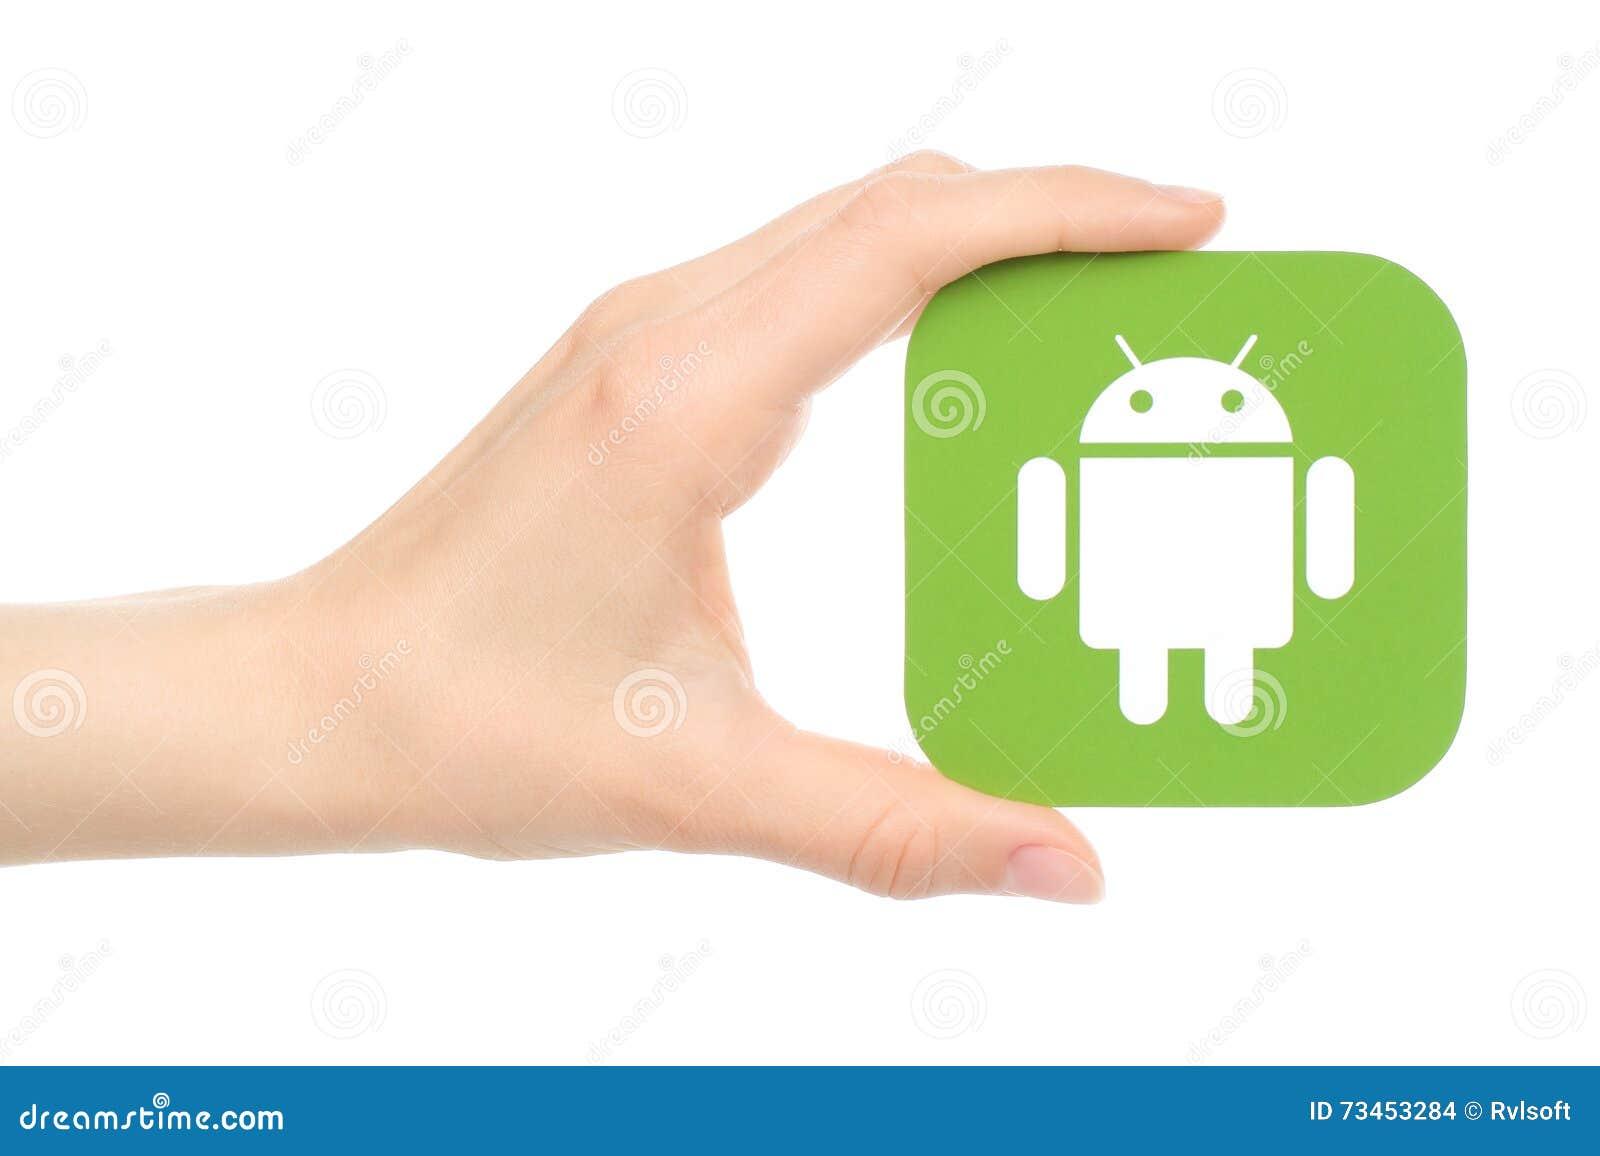 La mano lleva a cabo el logotipo de Android